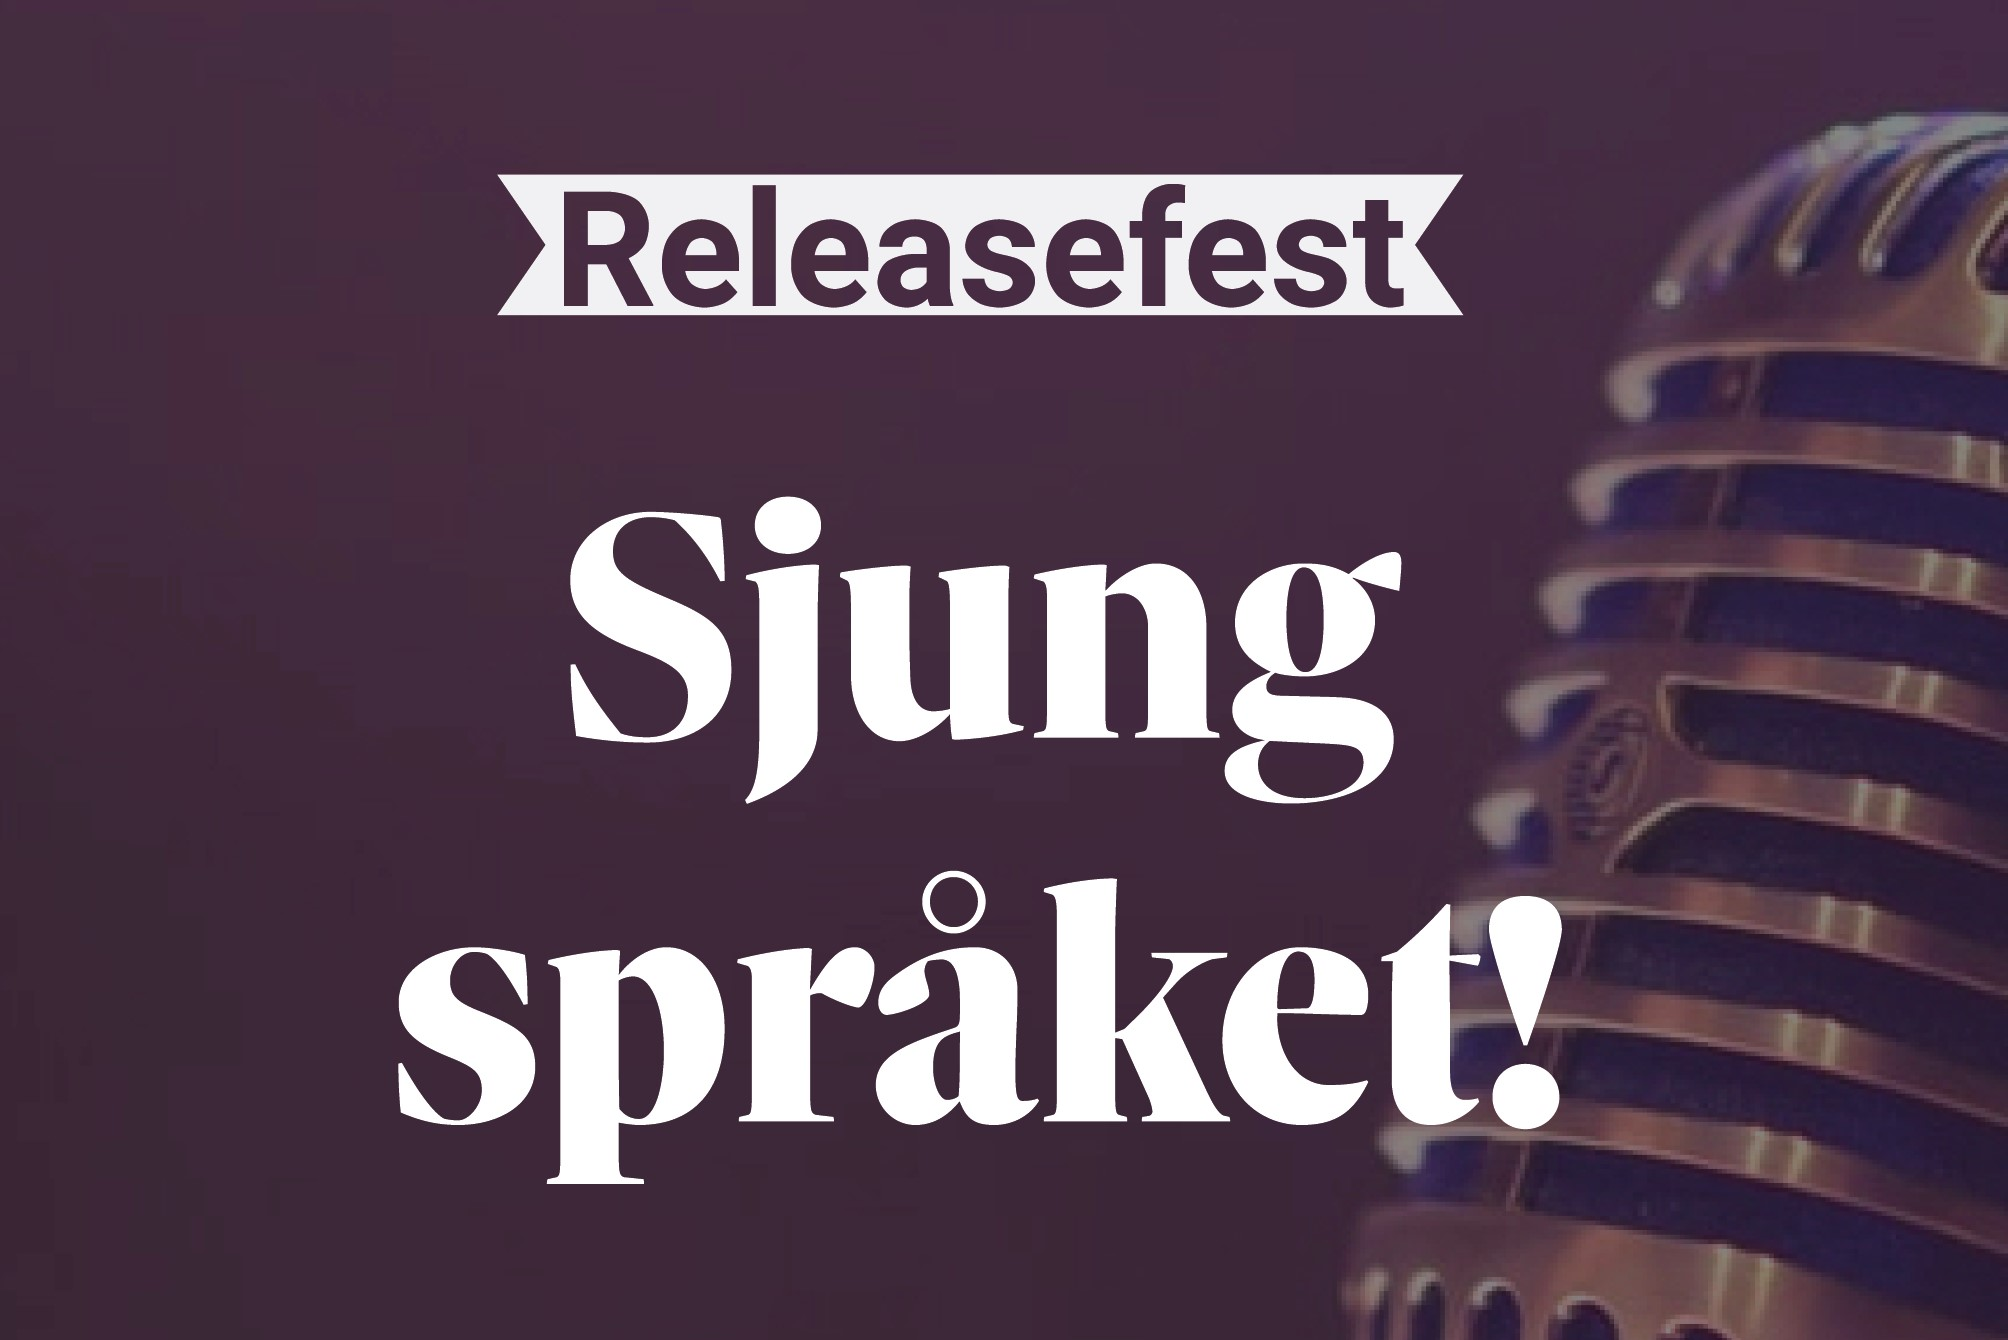 Releasefest - Sjung språket